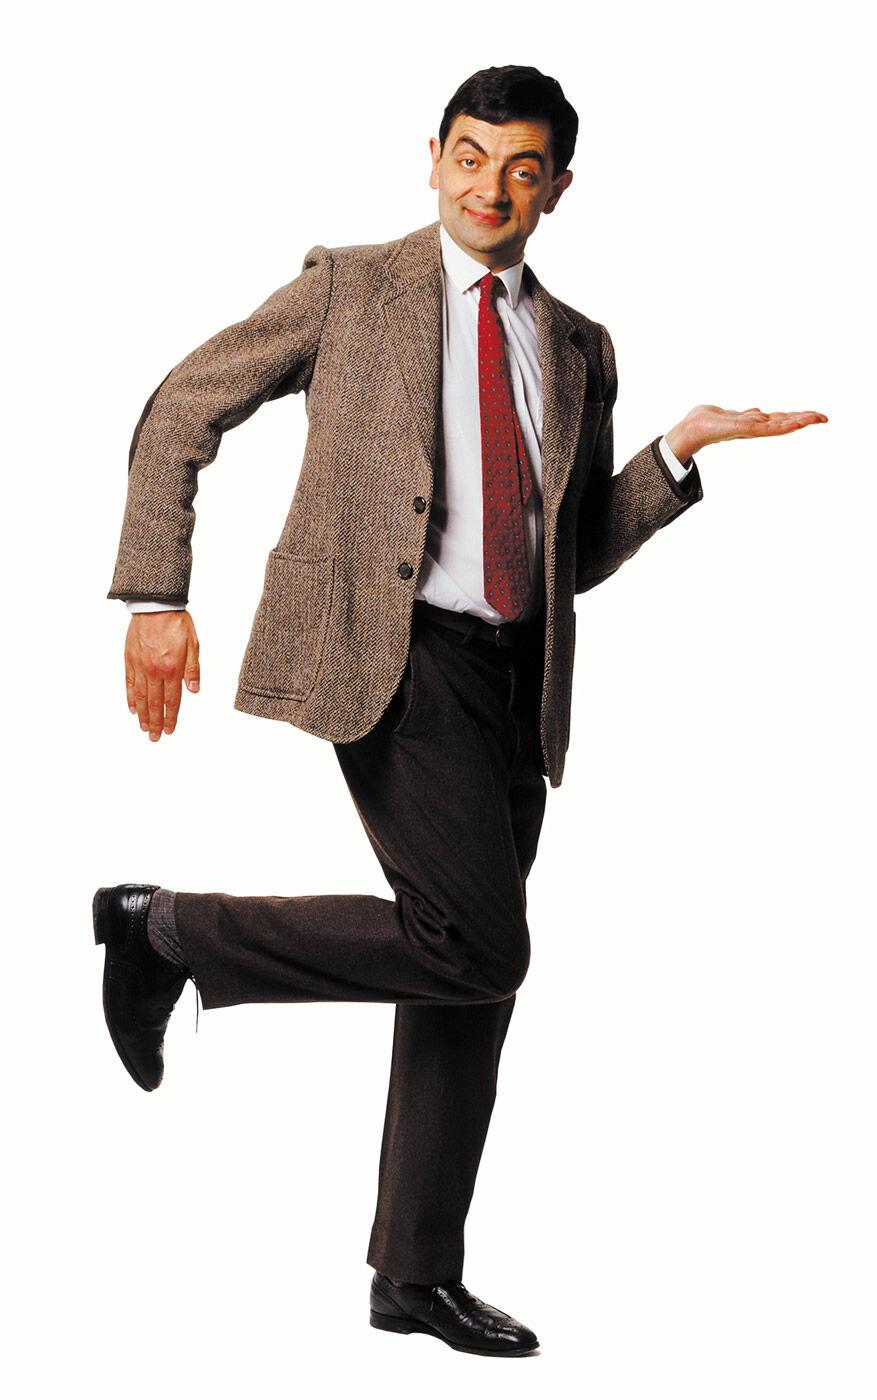 Mr Bean Frohe Weihnachten.Fröhliche Weihnachten Mr Bean